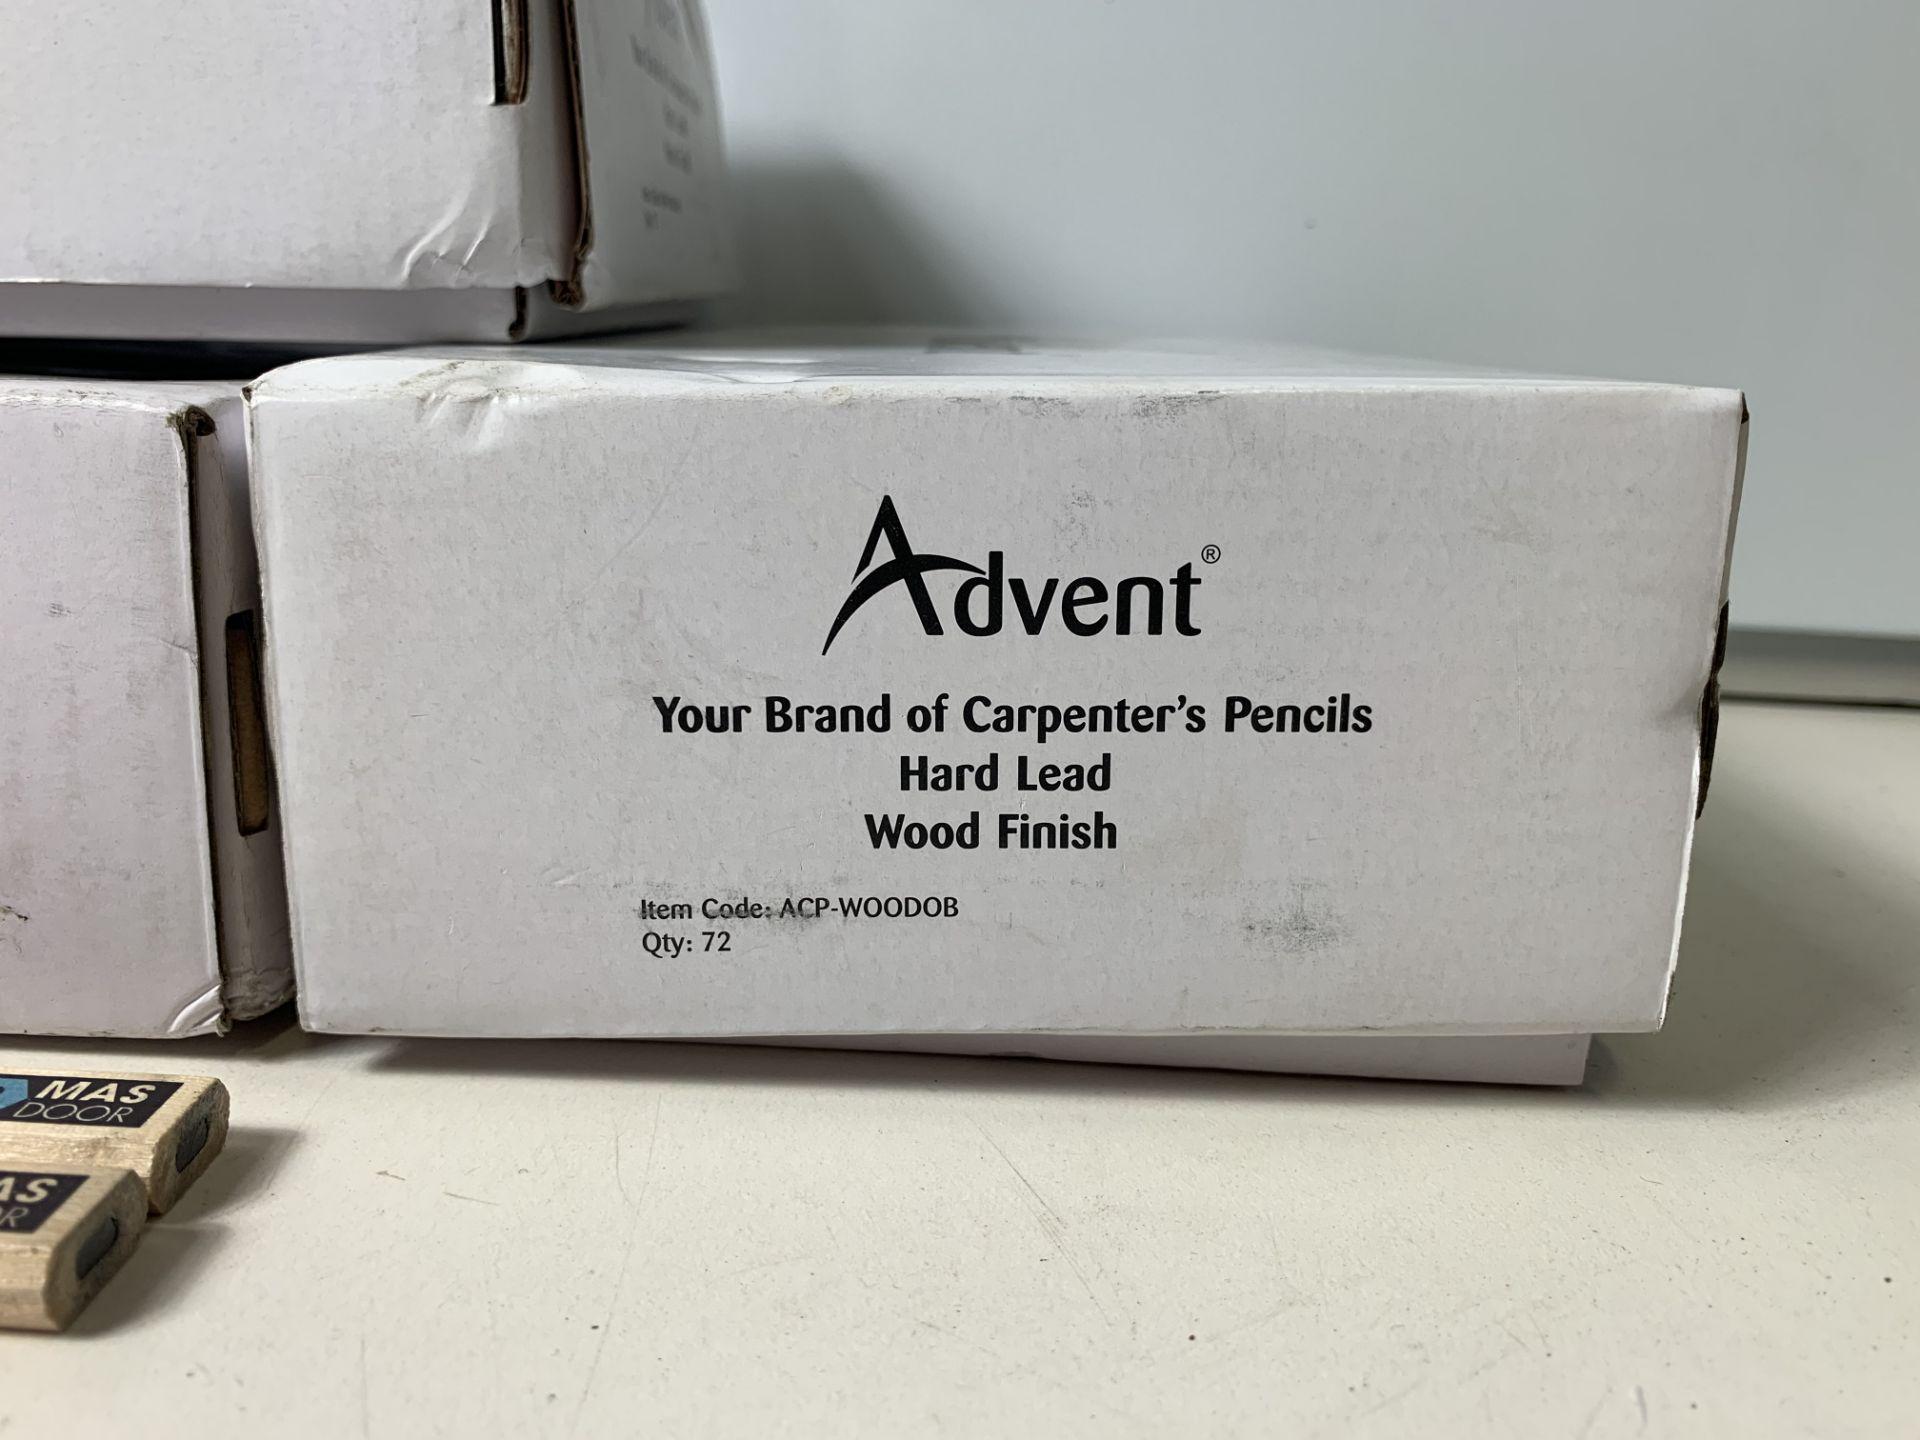 Lot 68 - 4 x Boxes of 72 Advent 'Mas Door' Carpenter's Pencils